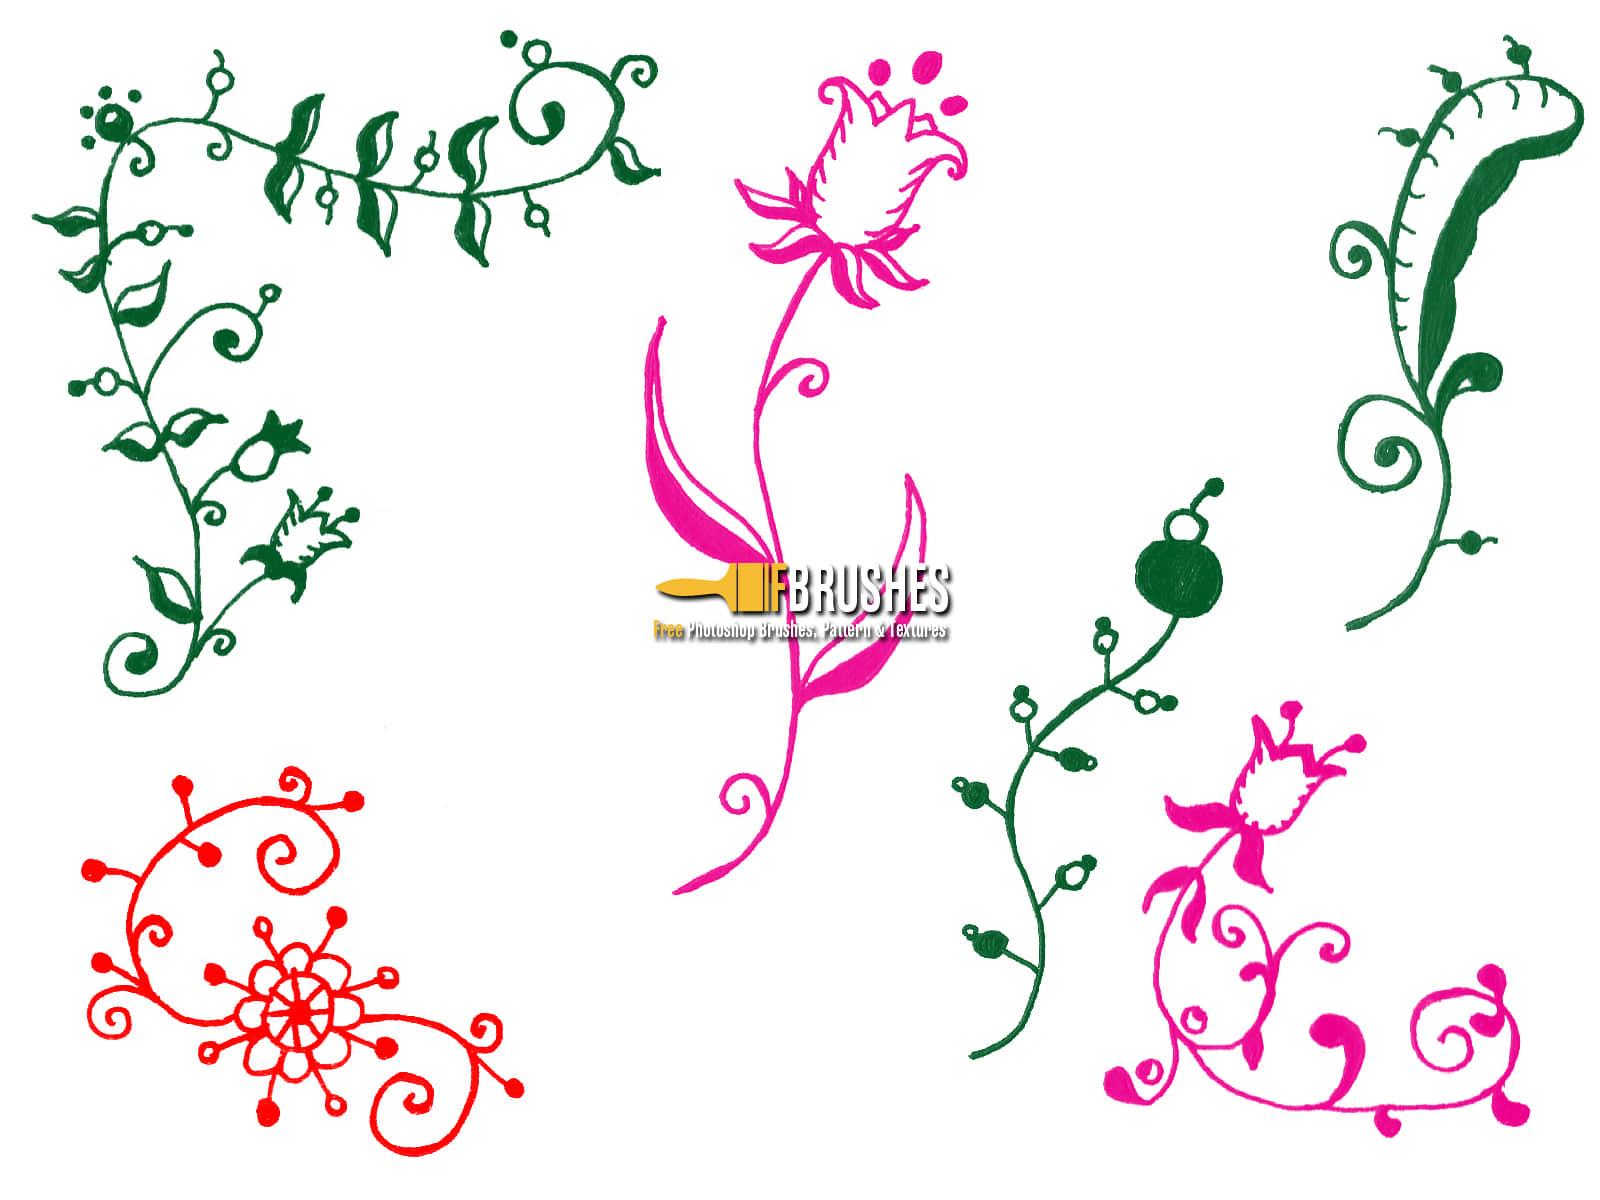 手绘涂鸦式植物花纹图案Photoshop笔刷下载 花纹笔刷 植物花纹笔刷 手绘花纹笔刷  flowers brushes